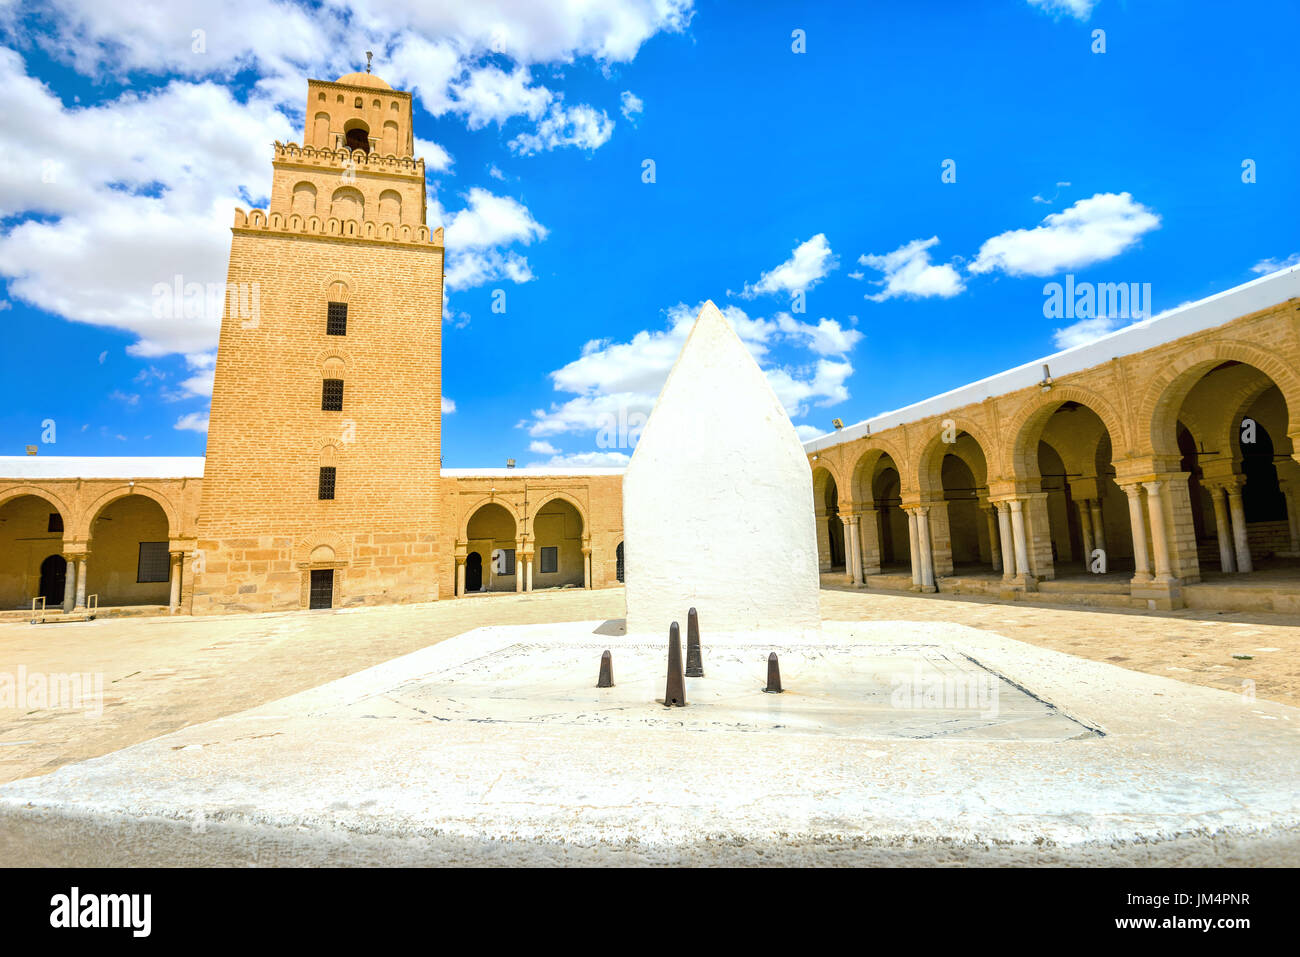 Antica grande moschea e solare in Kairouan. La Tunisia, Nord Africa Immagini Stock